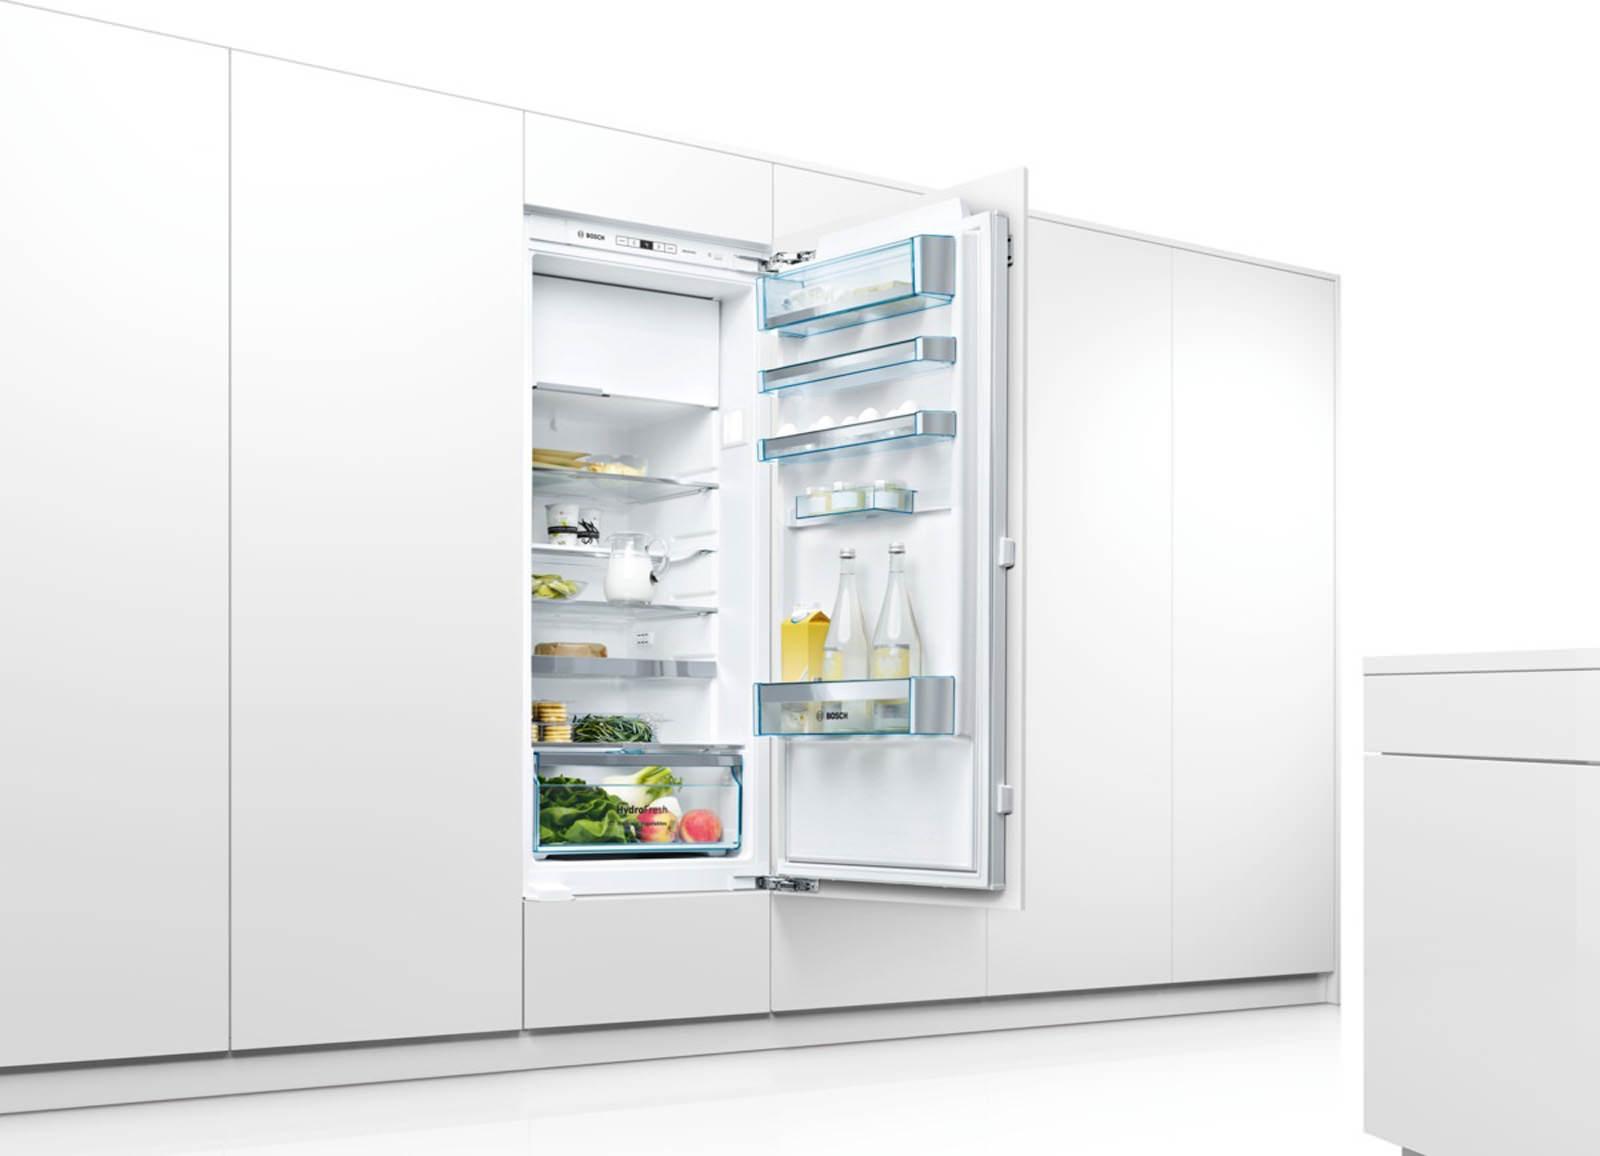 Bosch Kühlschrank Garantie : Bosch kühlschrank einbau bewusst haushalten